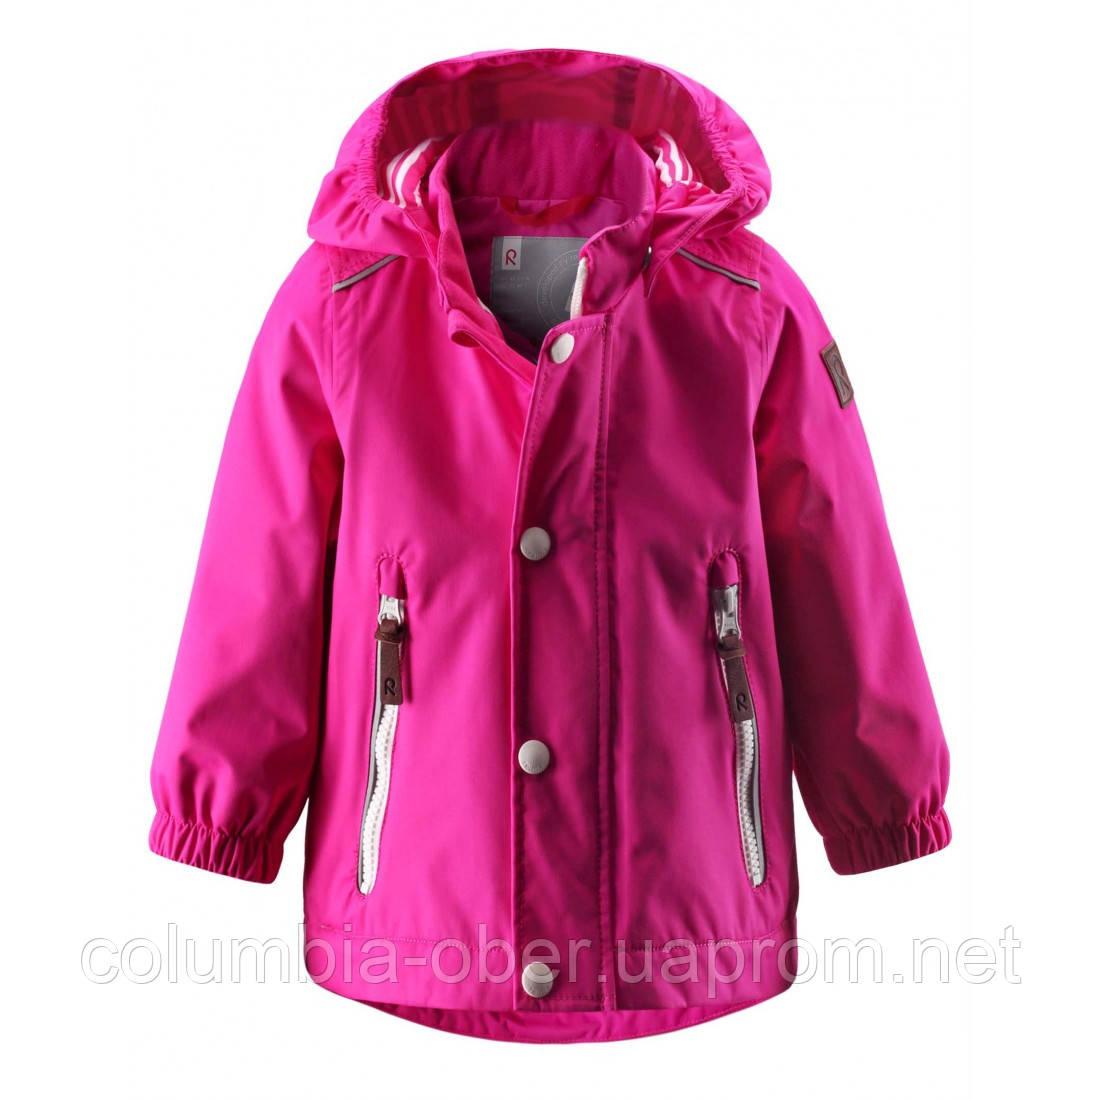 Ветровка детская для девочки ReimaTec 511116-4690. Размер 80 -  98.